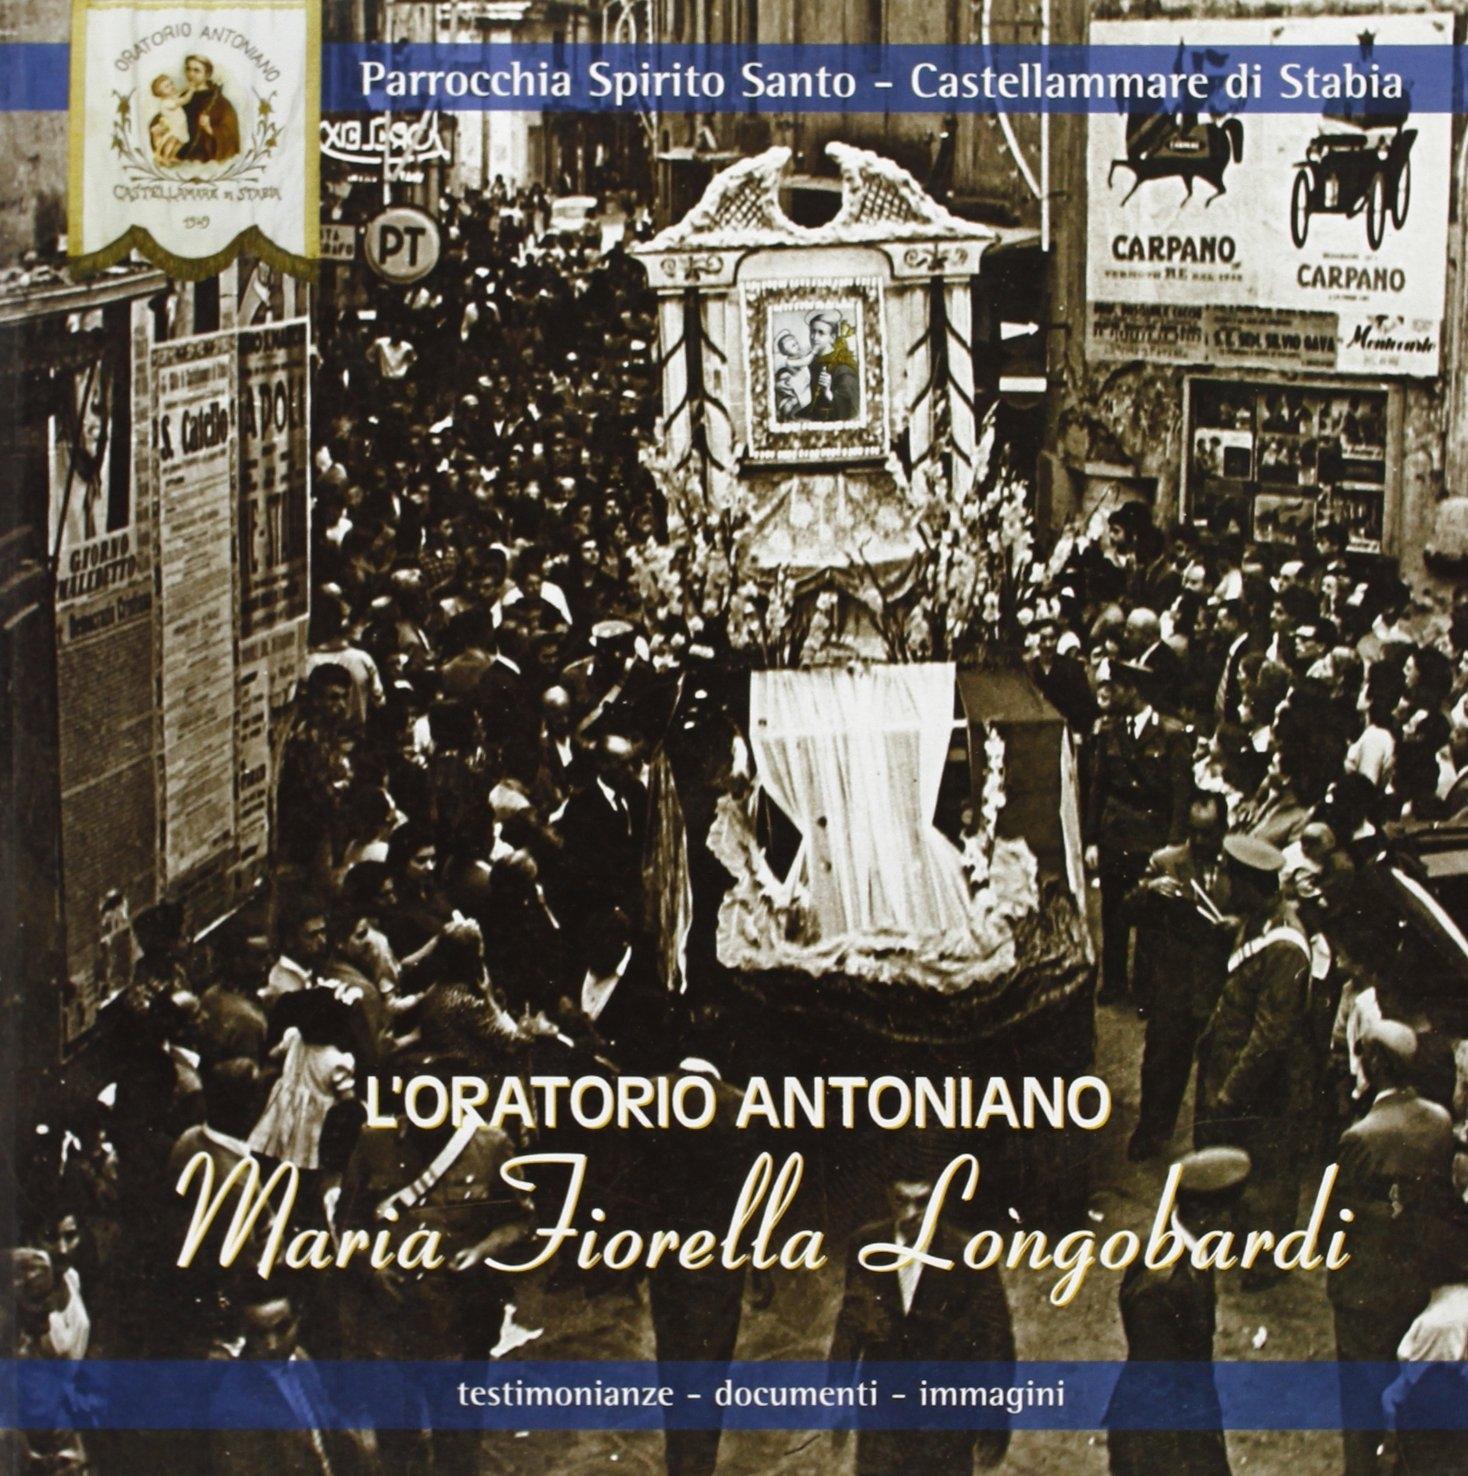 L'Oratorio Antoniano. Testimonianze, Documenti, Immagini